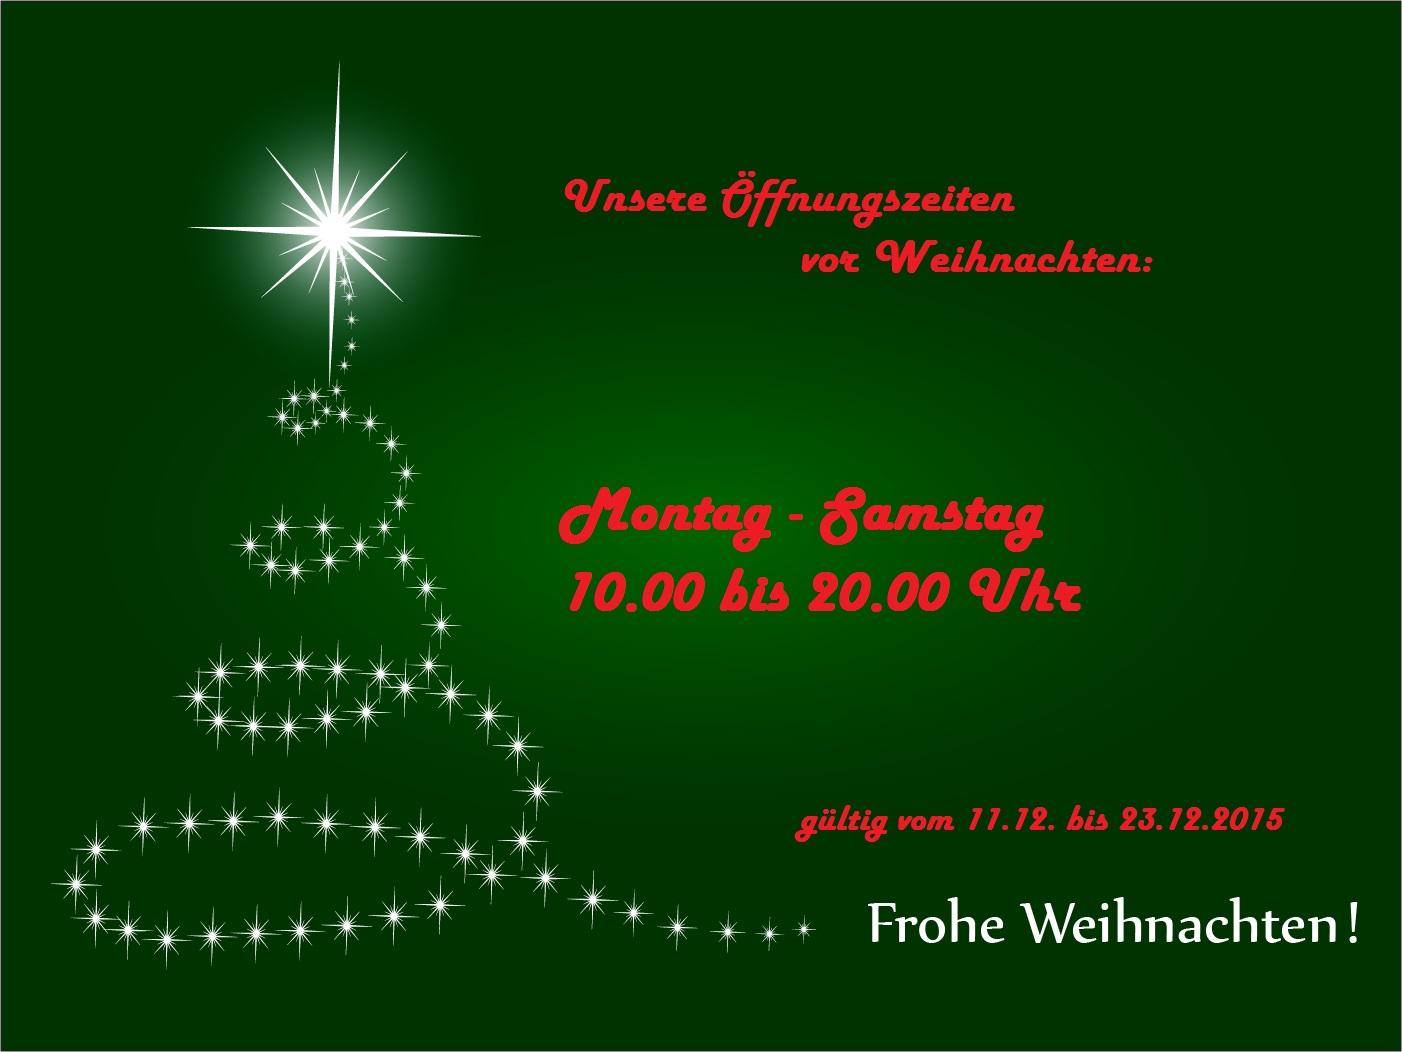 Erweiterte Öffnungszeiten vor Weihnachten